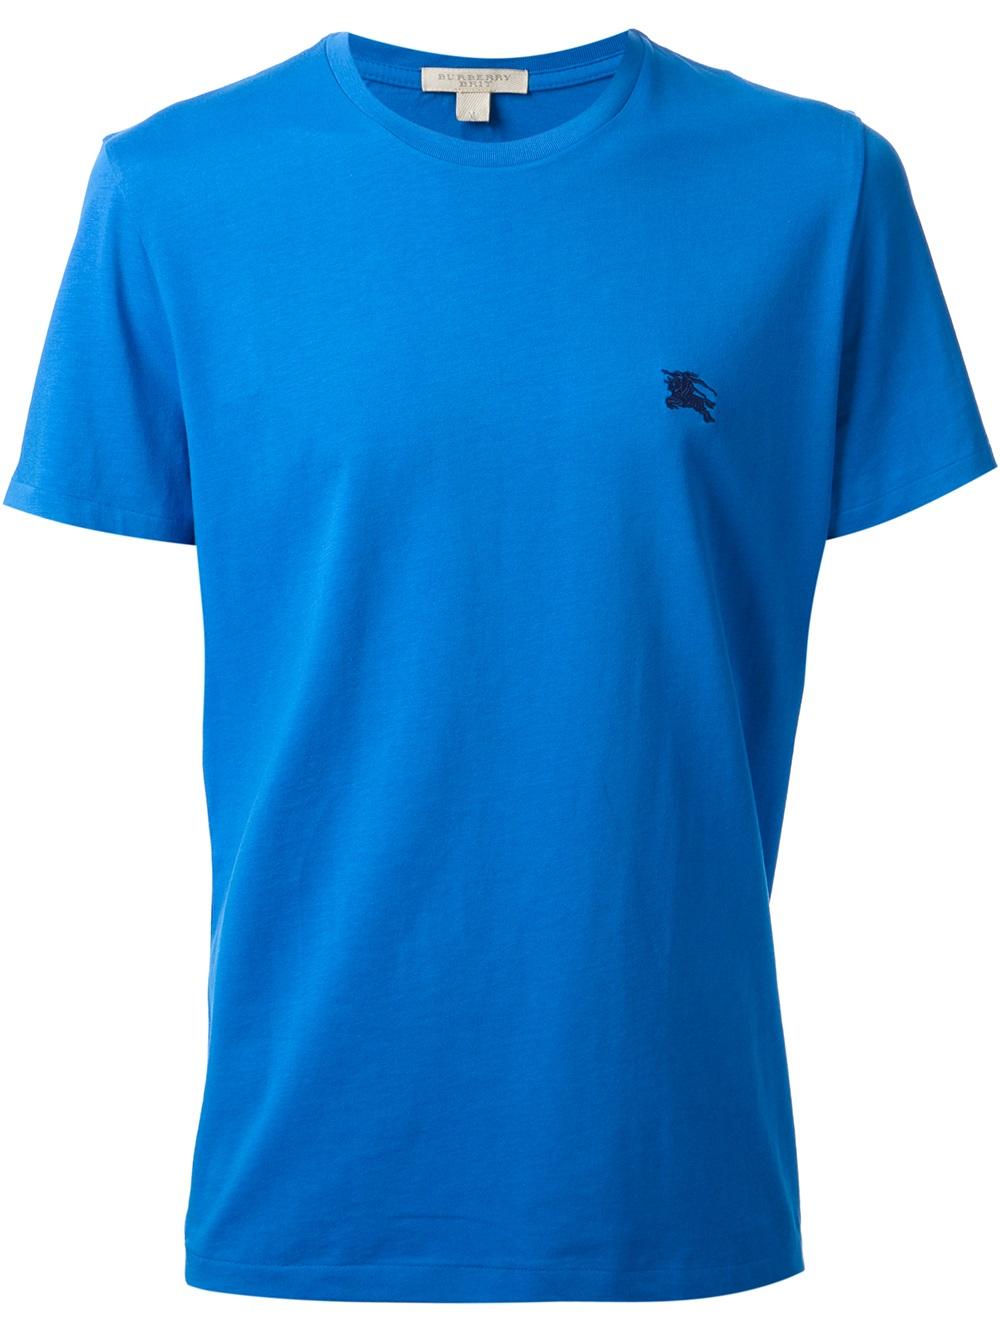 burberry brit logo t shirt in blue for men lyst. Black Bedroom Furniture Sets. Home Design Ideas